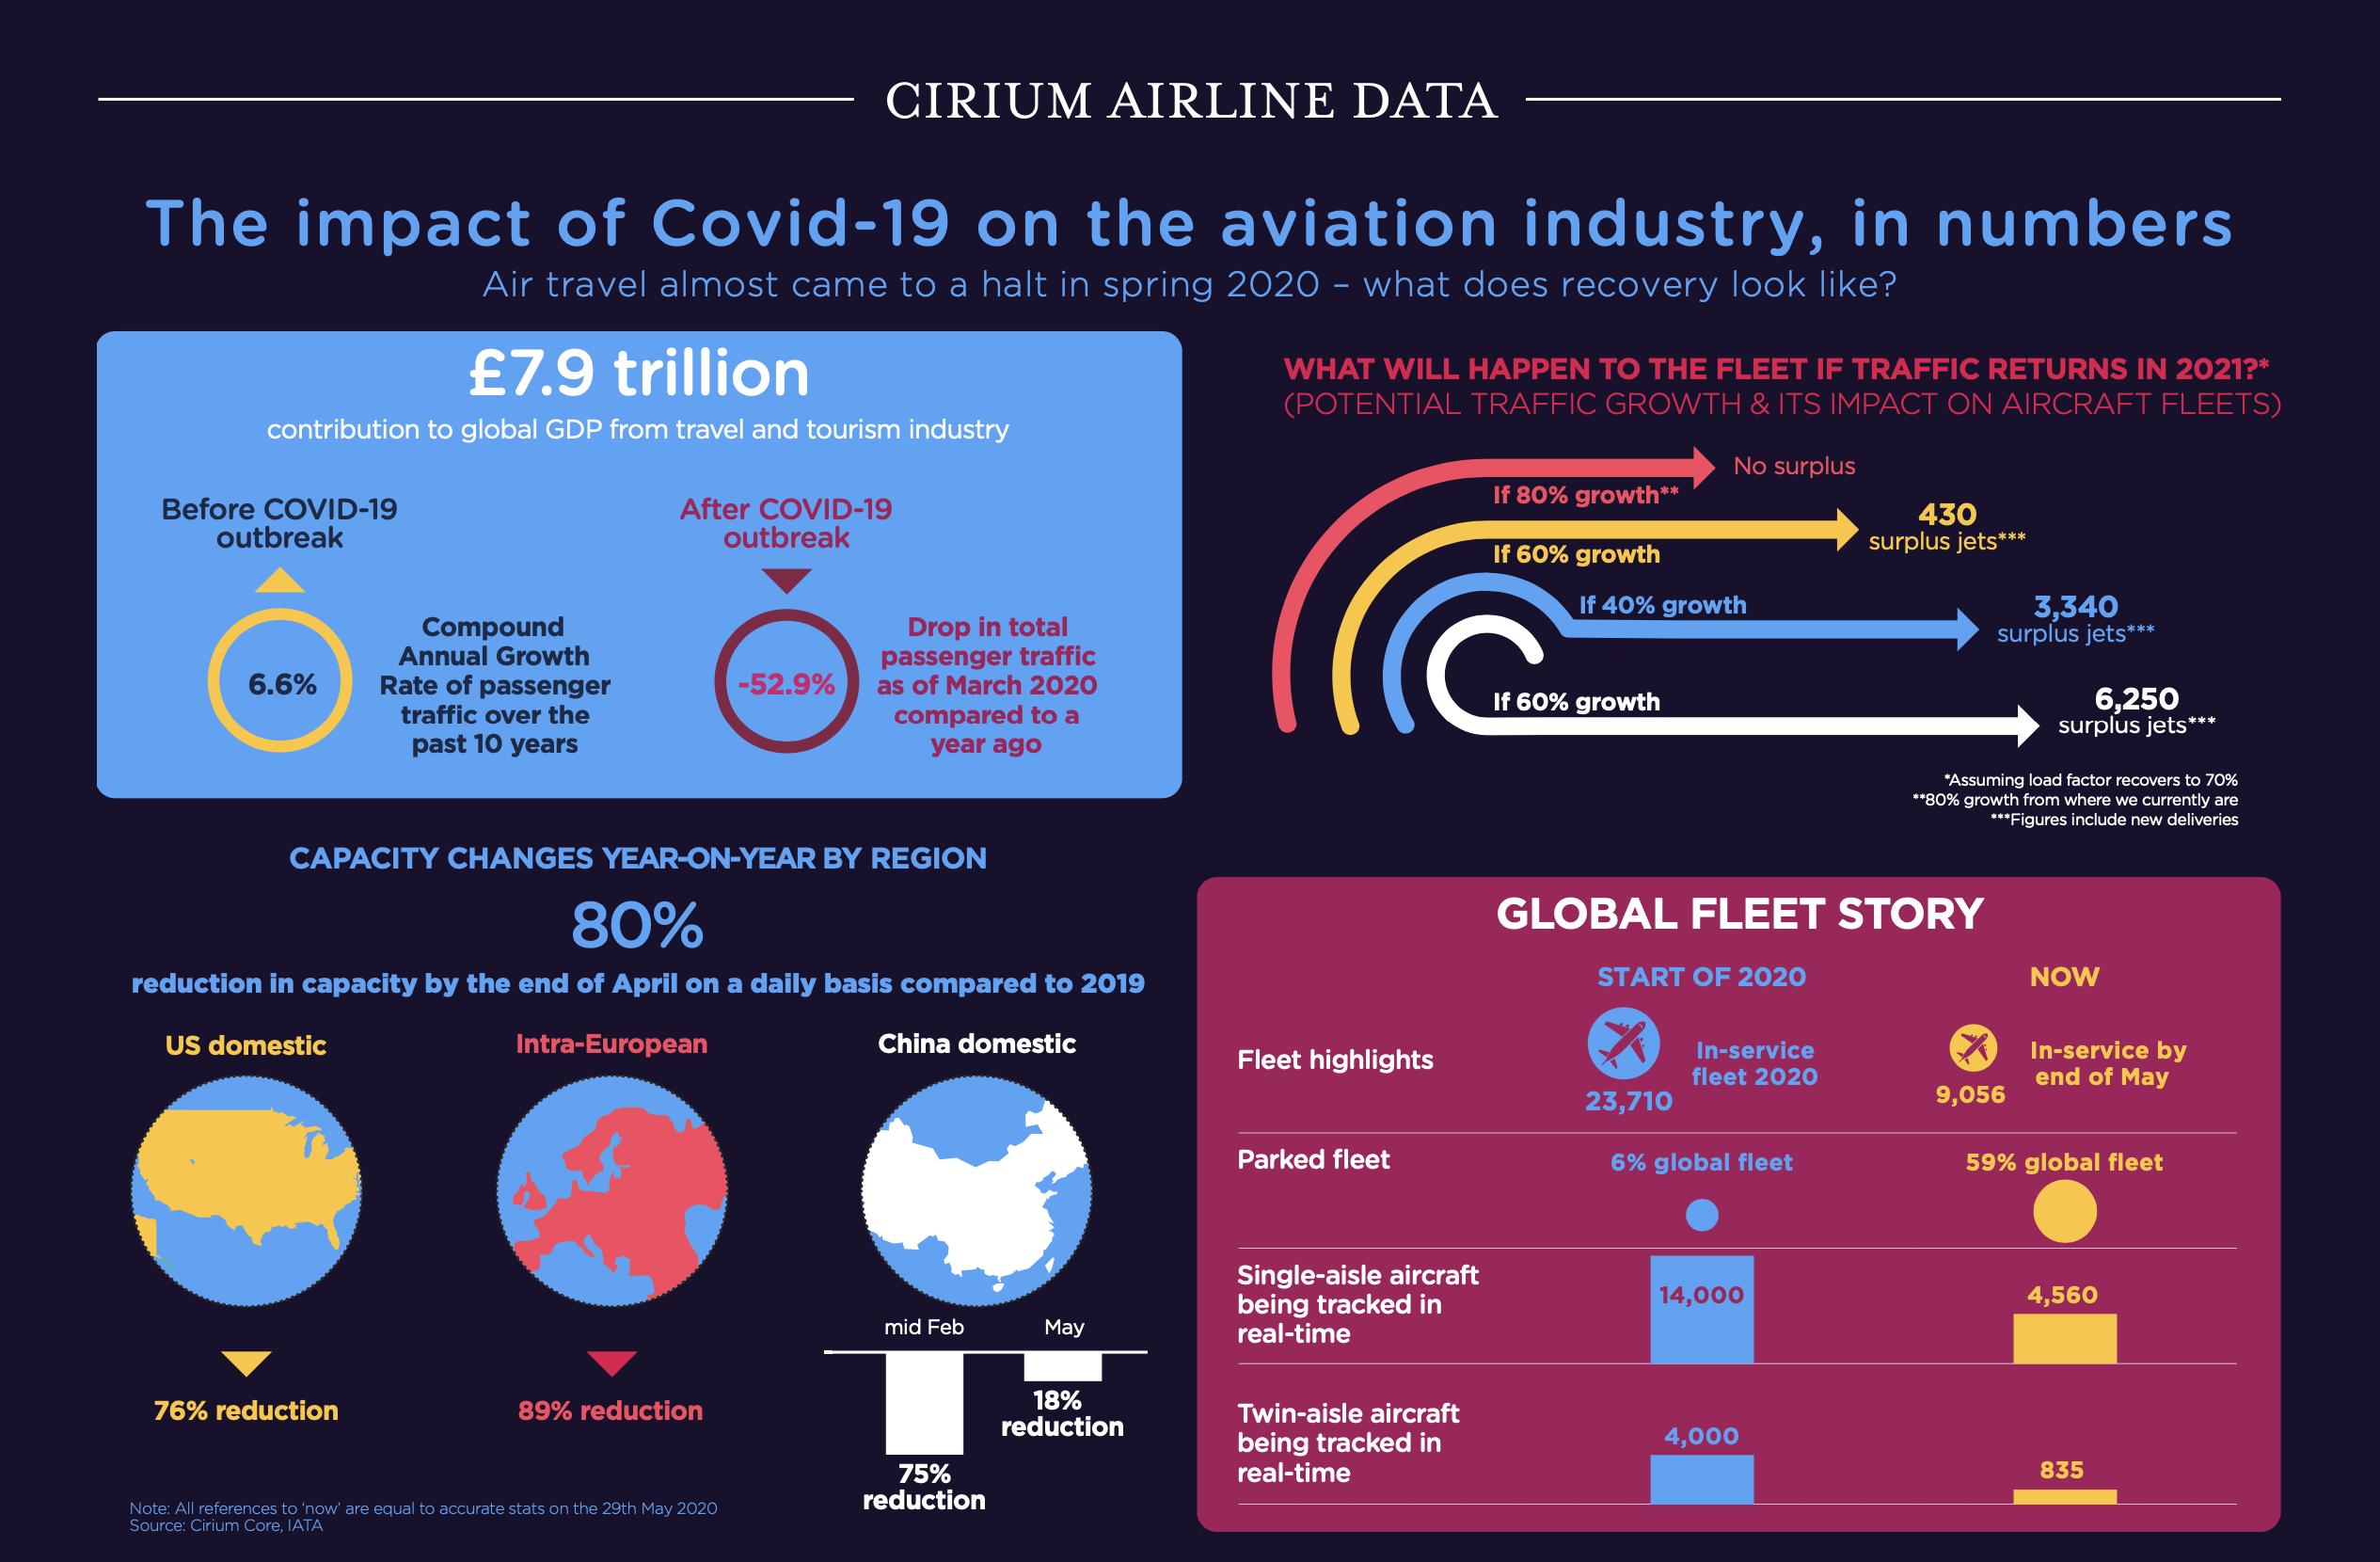 Cirium infographic